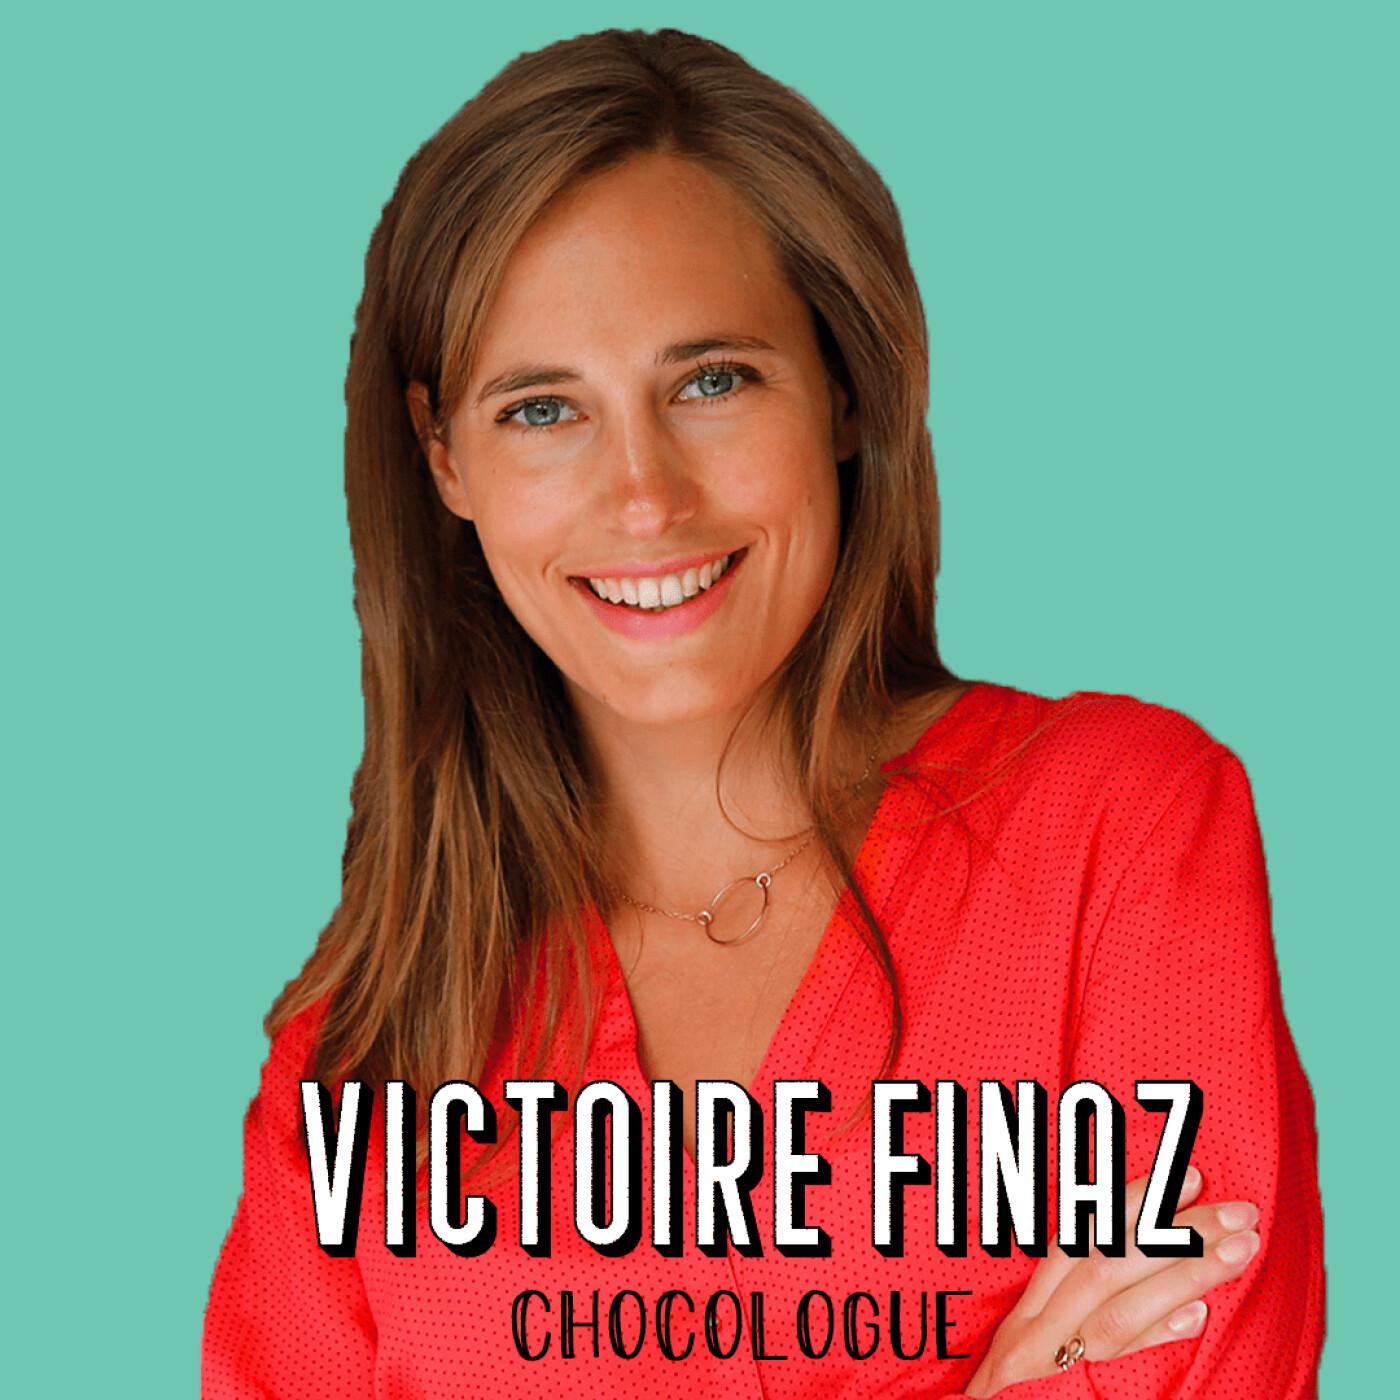 Victoire Finaz, Chocologue - Fabriquer ses rêves